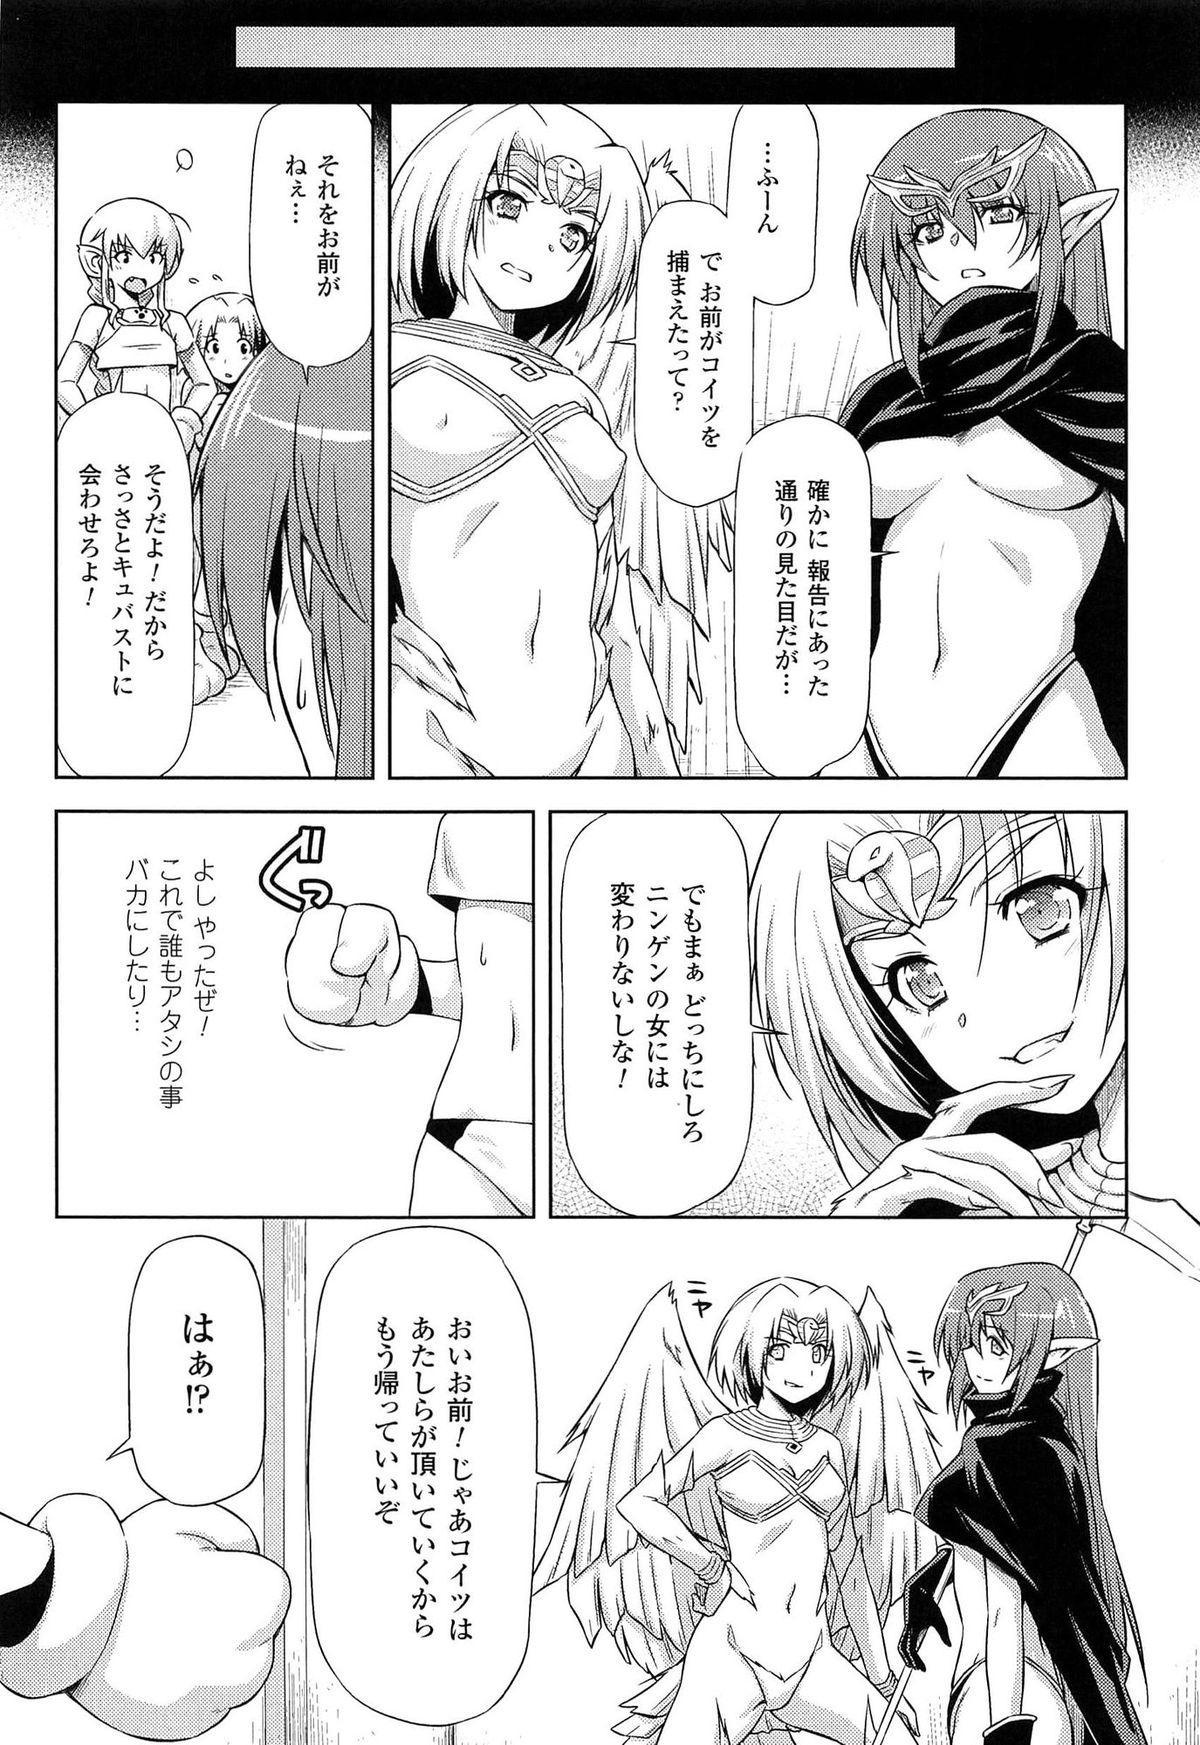 [kazuma muramasa, ZyX] Ikazuchi no Senshi Raidy ~Haja no Raikou~ THE COMIC 183